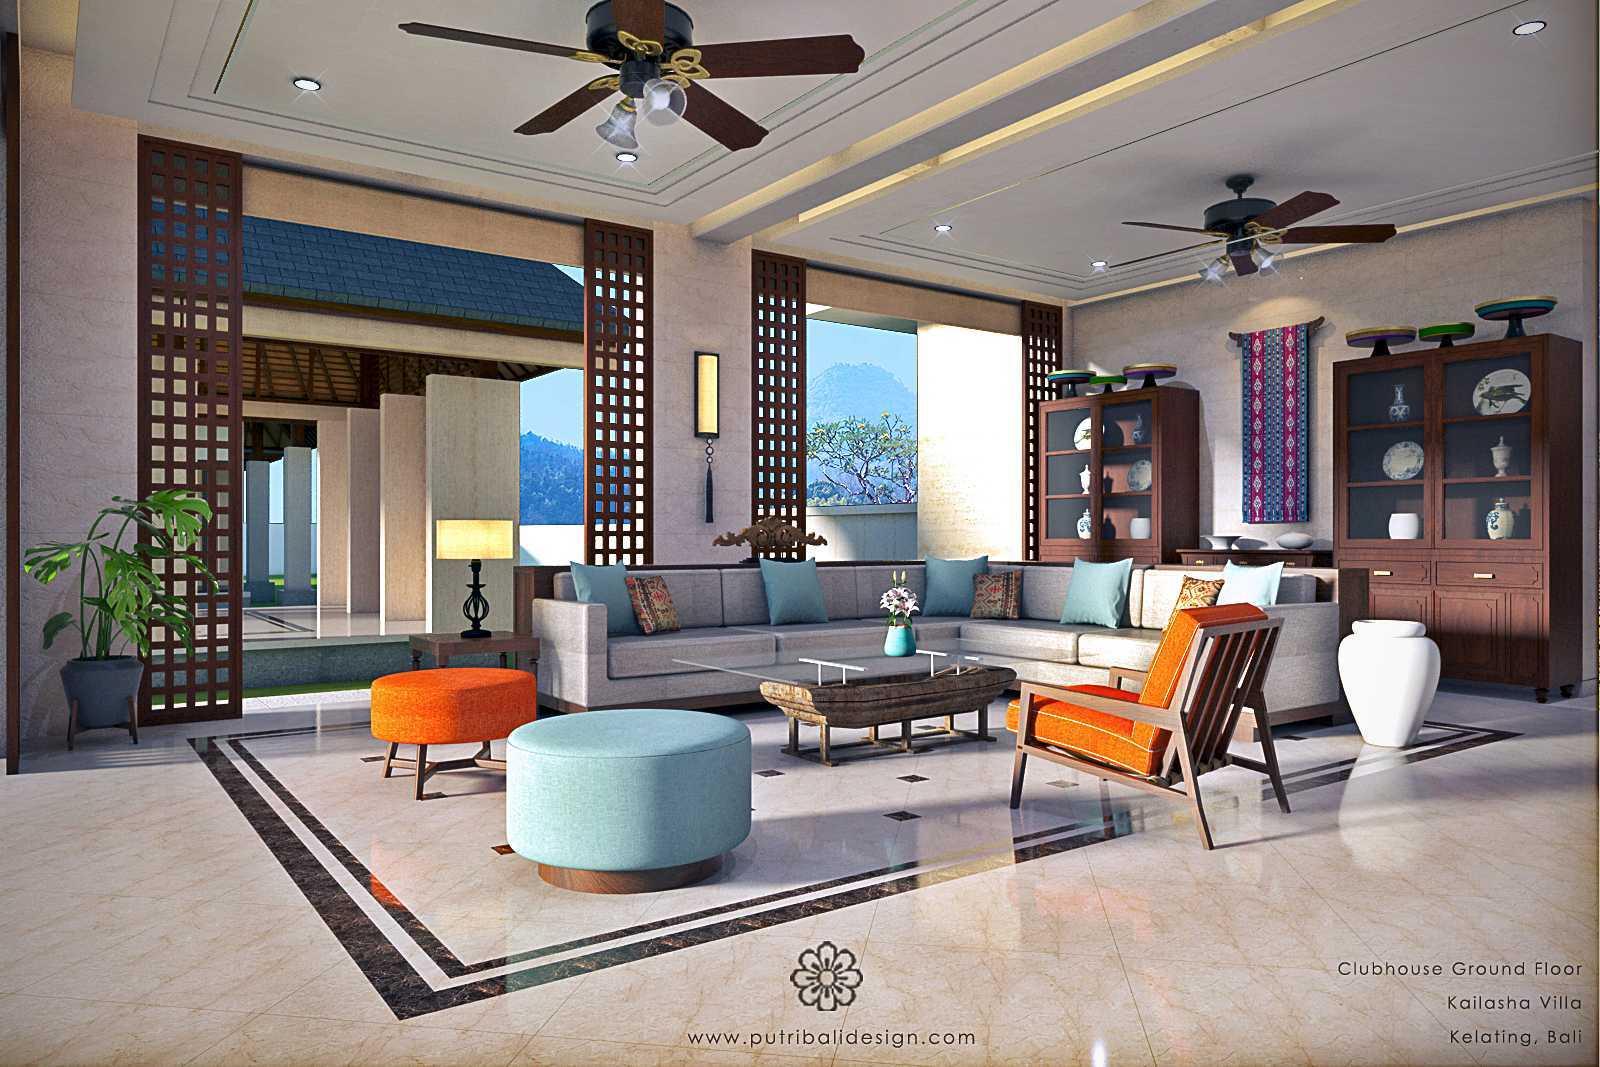 Putri Bali Design Kailasha Villa Kabupaten Tabanan, Bali, Indonesia Kabupaten Tabanan, Bali, Indonesia Putri-Bali-Design-Kailasha-Villa   86464